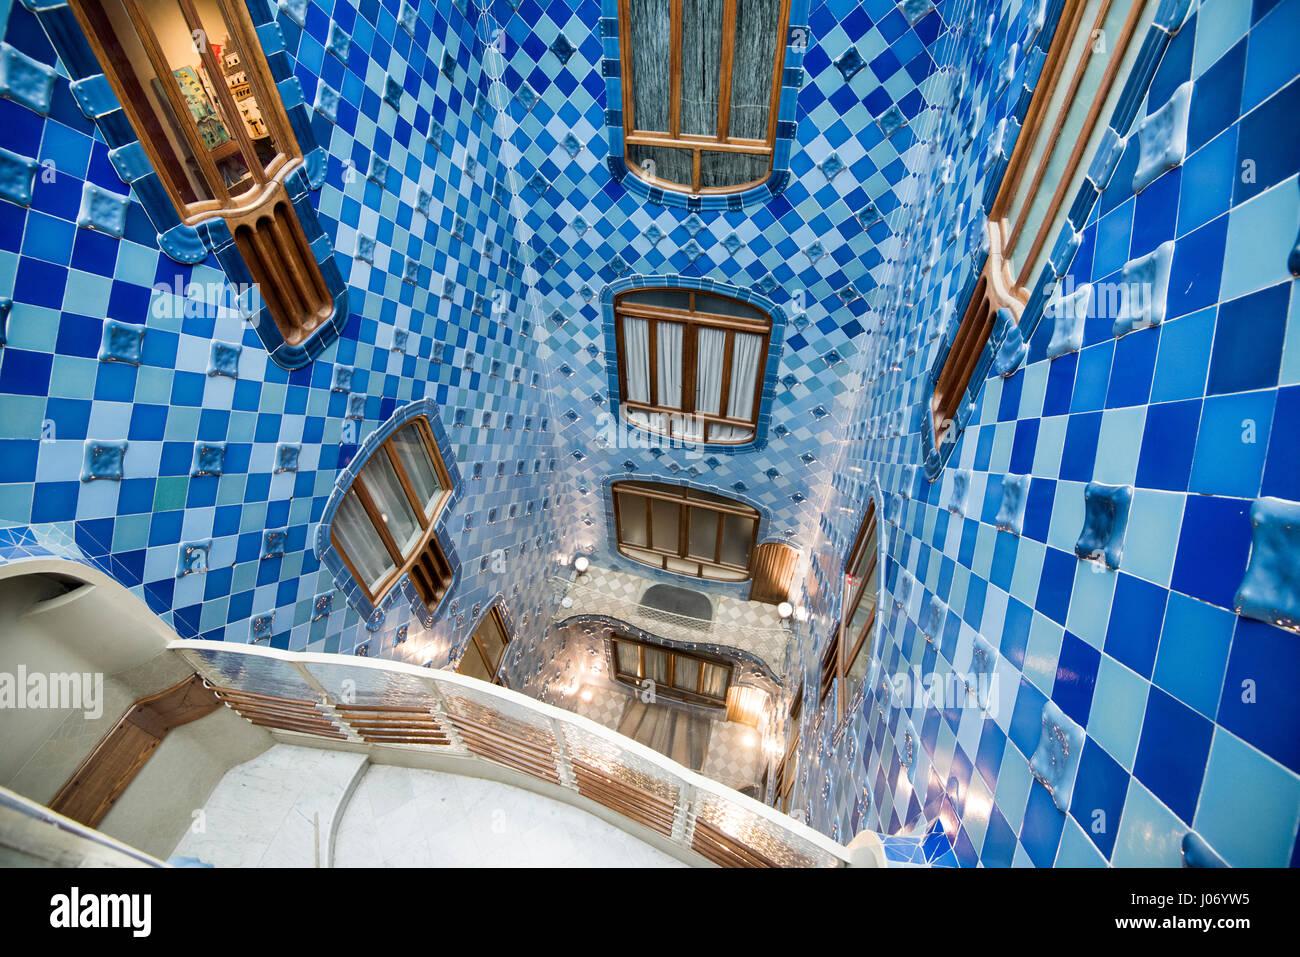 Blue Tiled Interior Courtyard Inside Casa Batllo In